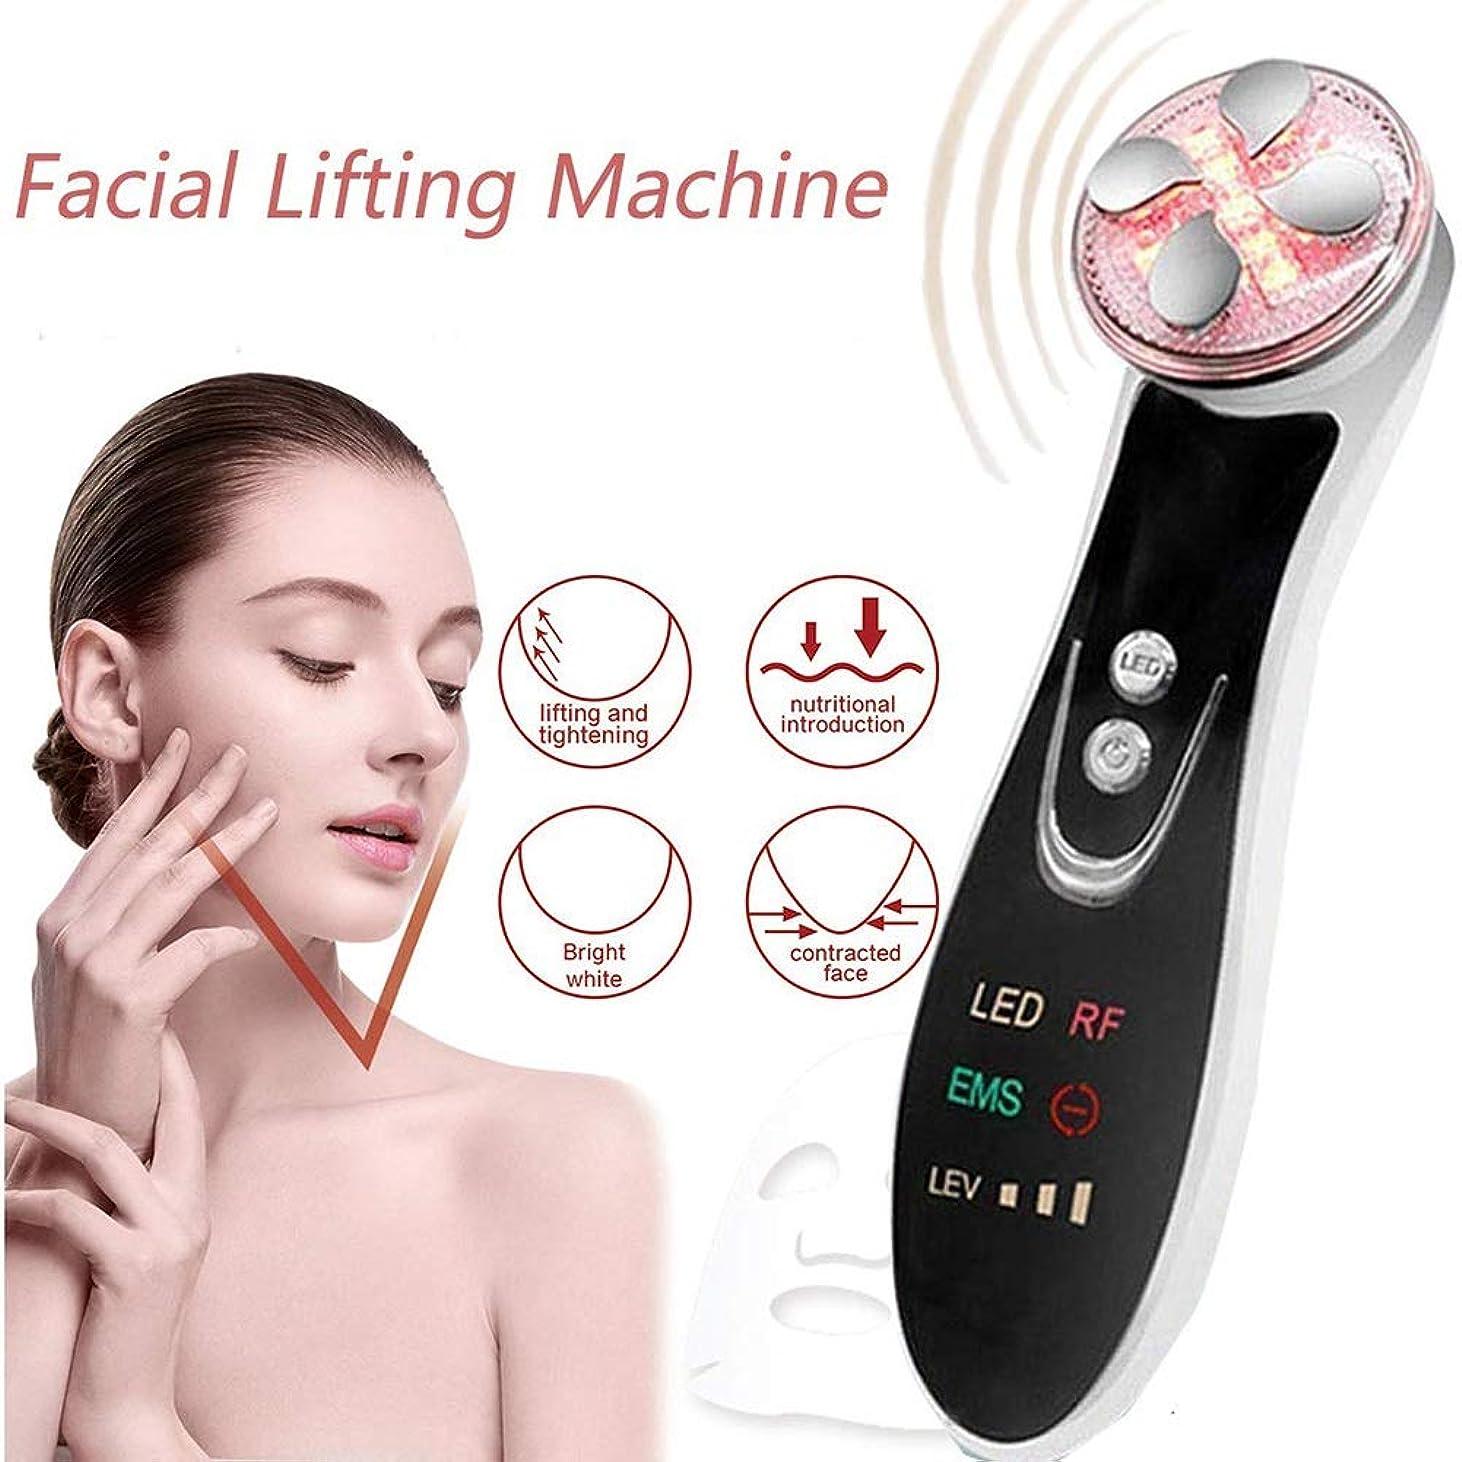 リップモンゴメリーサンダル機械、1つのRF EMS LEDライト療法のしわを取除く顔の持ち上がるボディ形削り盤機械をきつく締める表面皮は反老化のアクネの美装置を取除きます